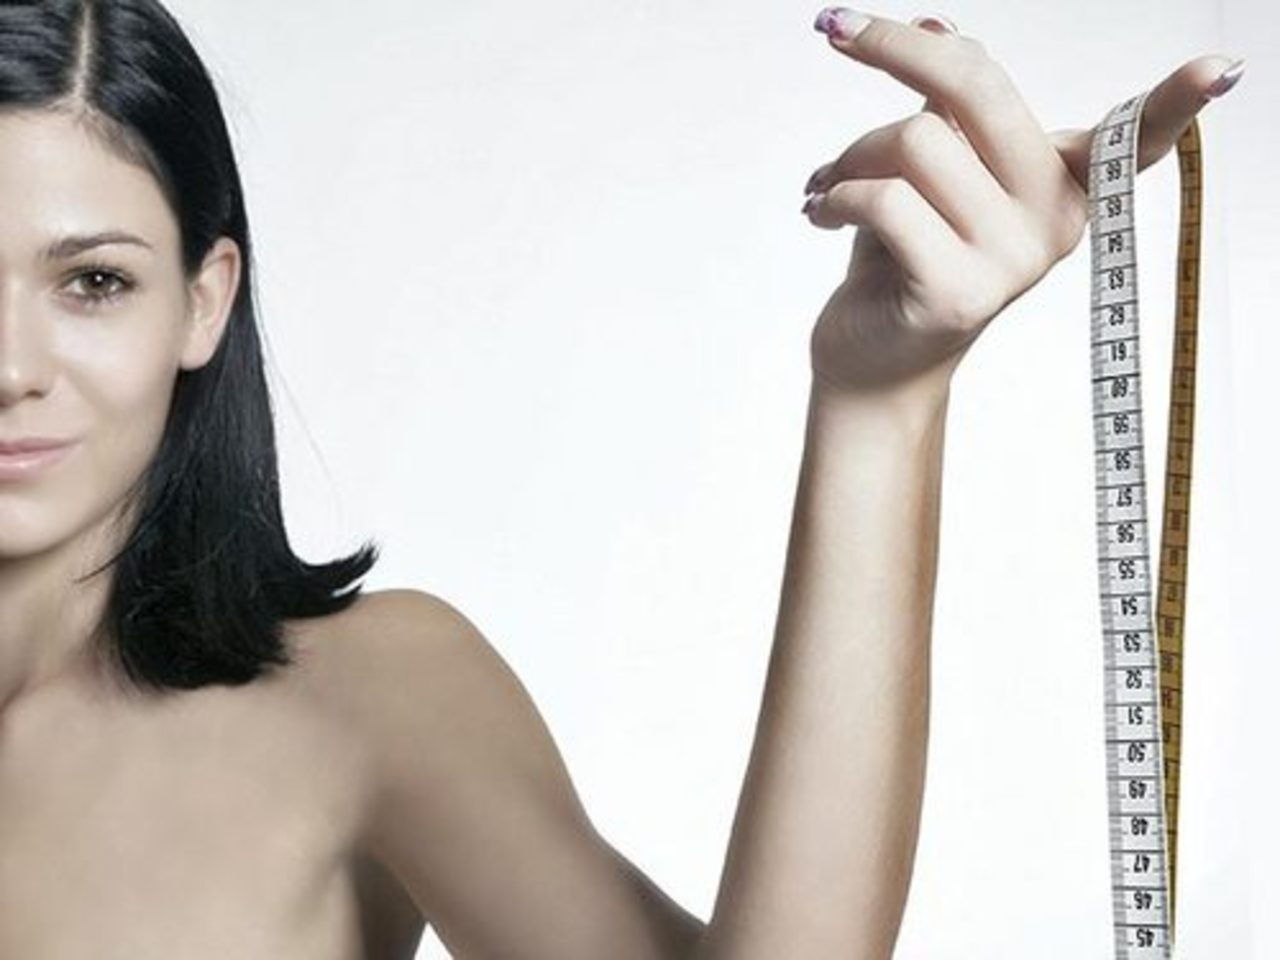 Длинный половой орган мужчины может нанести травму